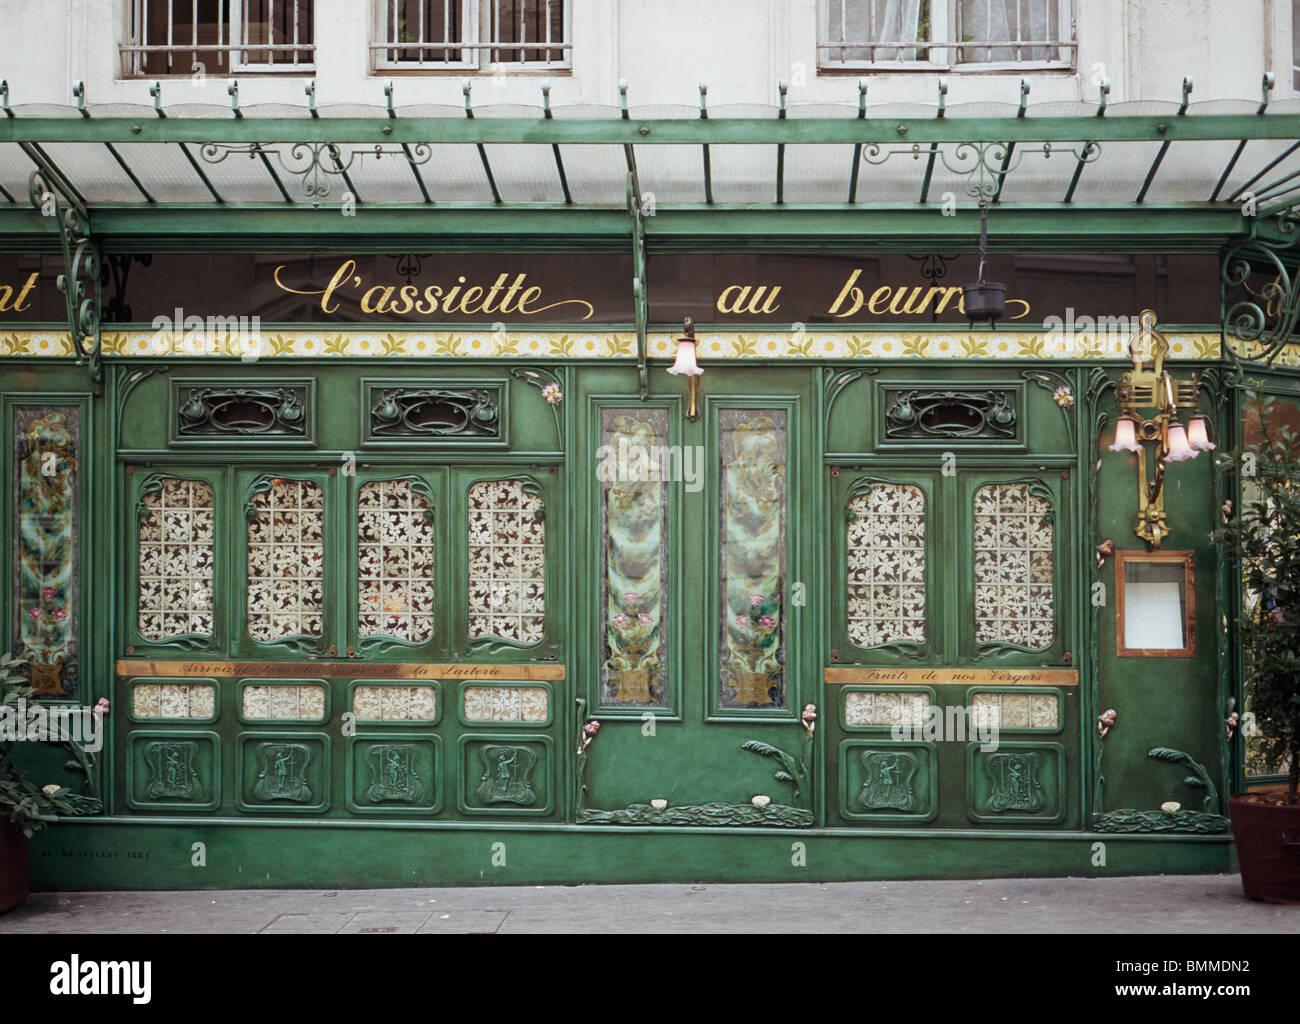 paris art nouveau stock photos paris art nouveau stock images alamy